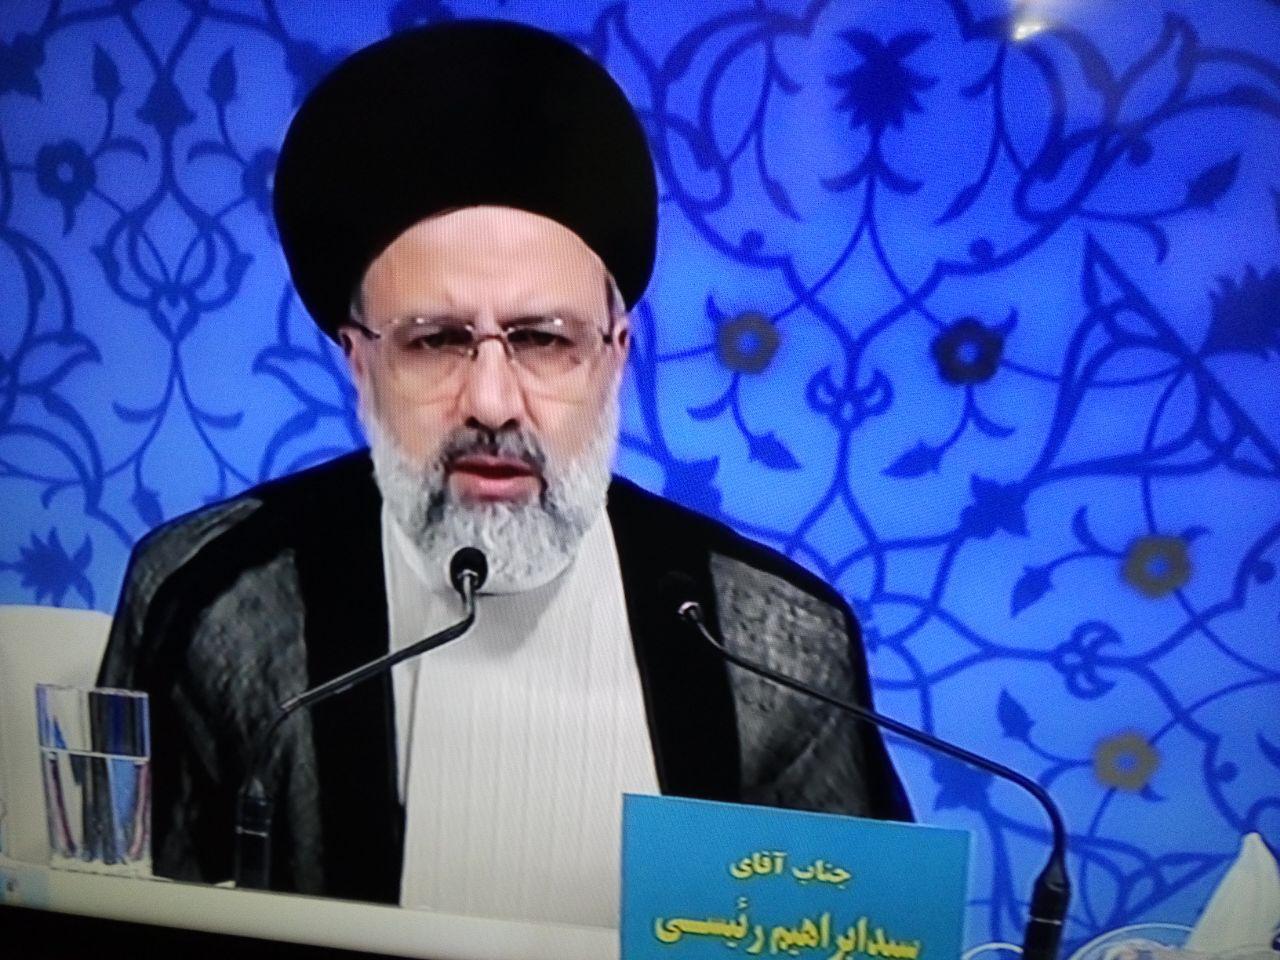 حجتالاسلام رئیسی خواستار رسیدگی به تخلفات انتخاباتی شد